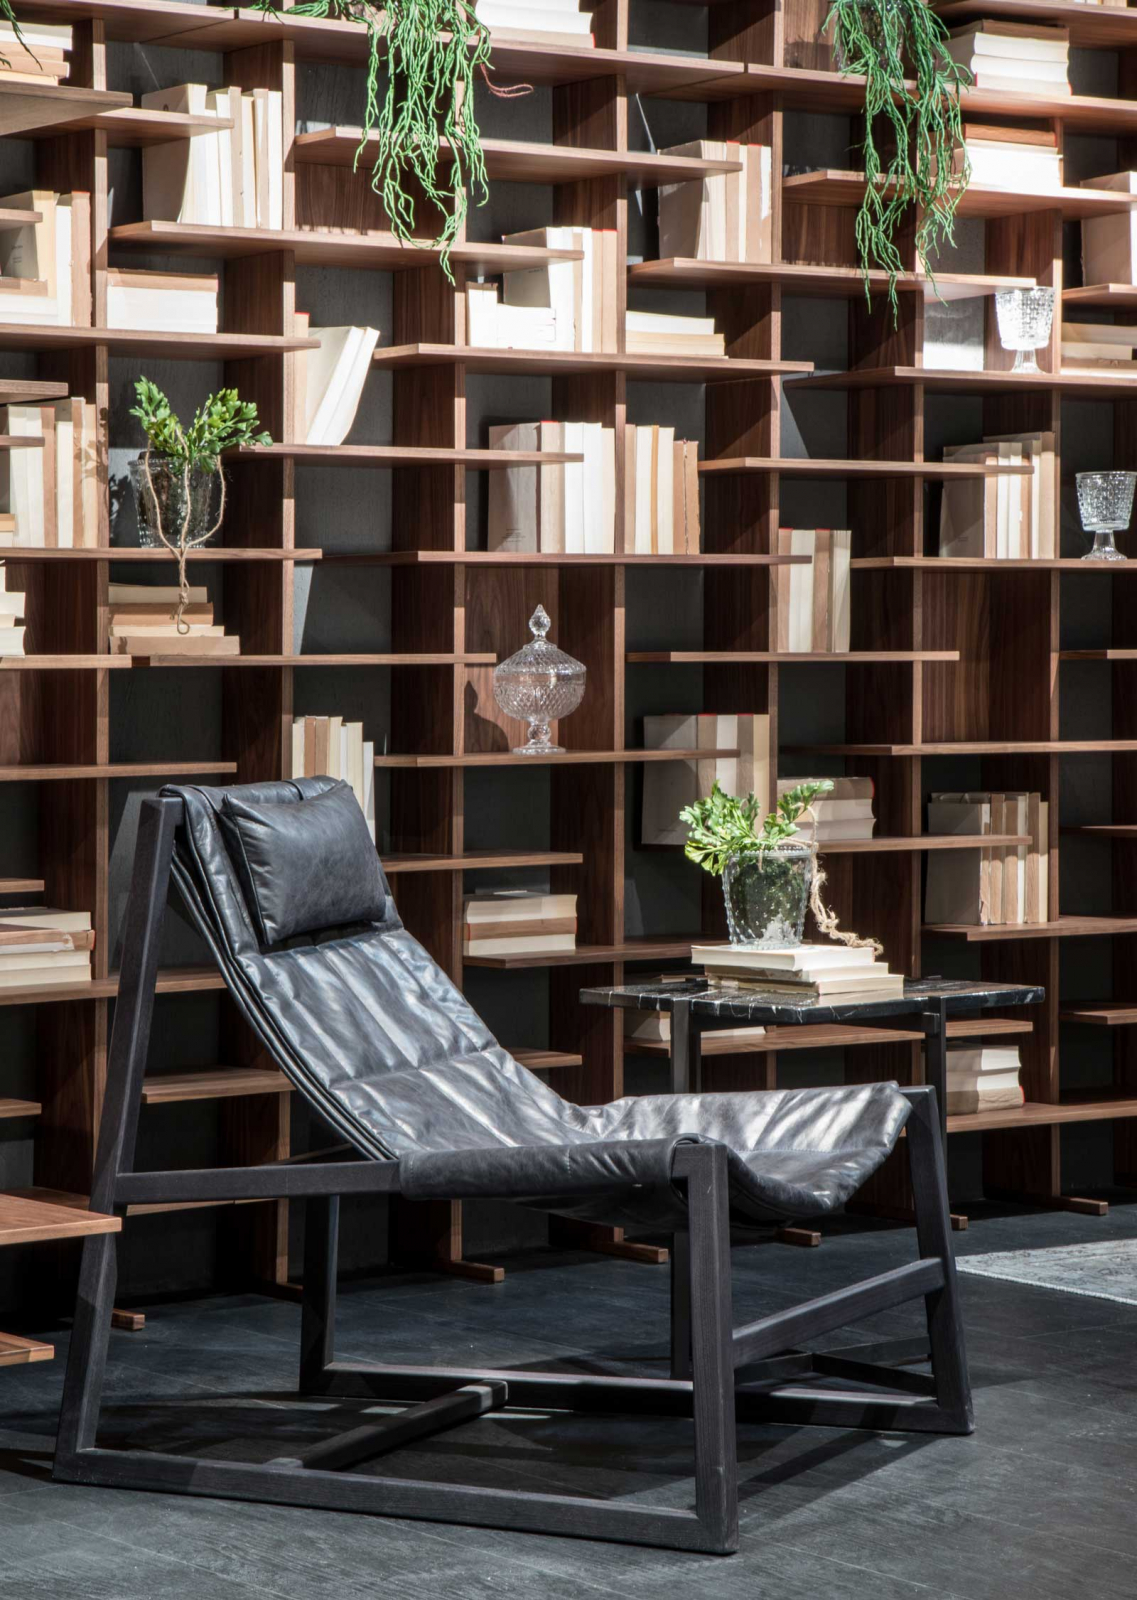 Fauteuil relax en bois et cuir. Vente en ligne de fauteuils et ameublement haut de gamme artisanaux made in italy avec livraison gratuite.